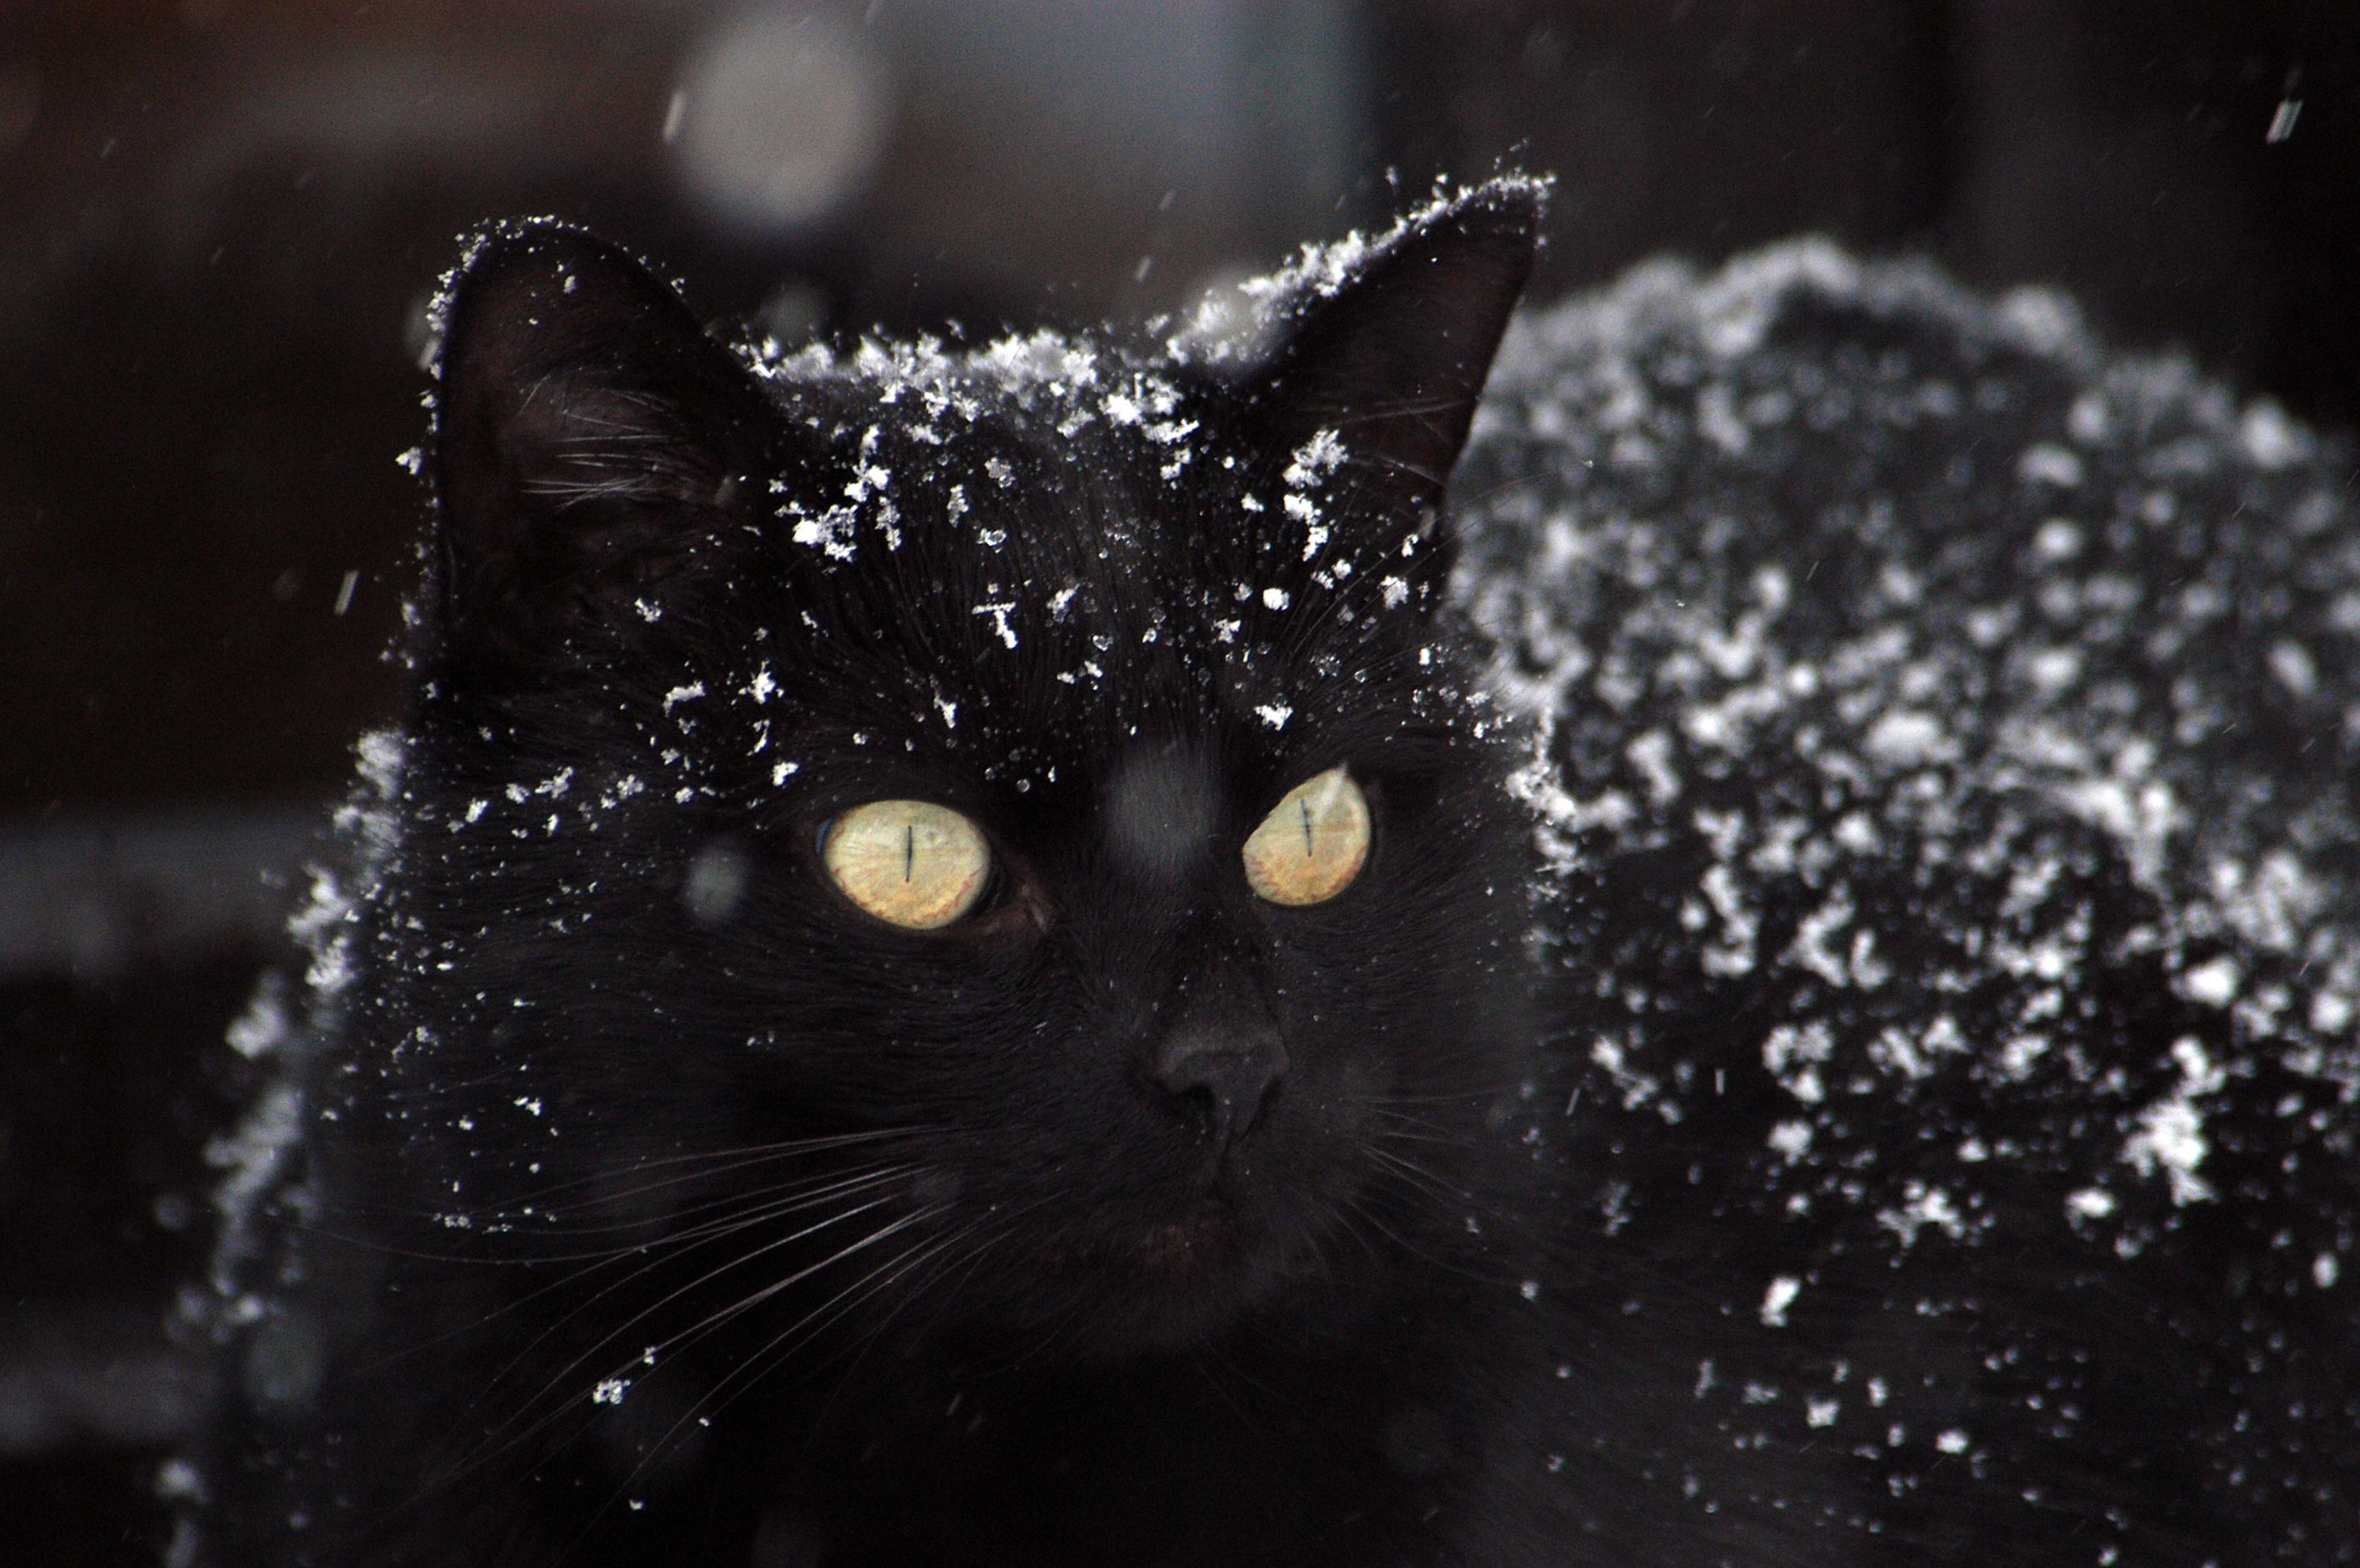 картинка черная кошка в снегу уже позаботились